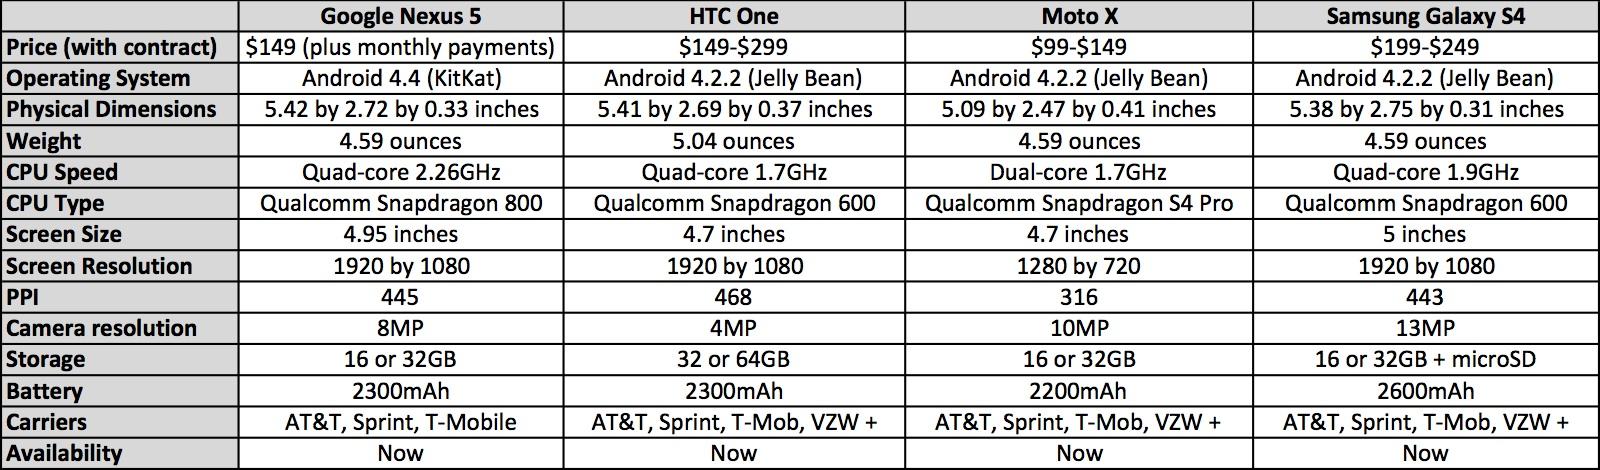 Nexus 5 comparison